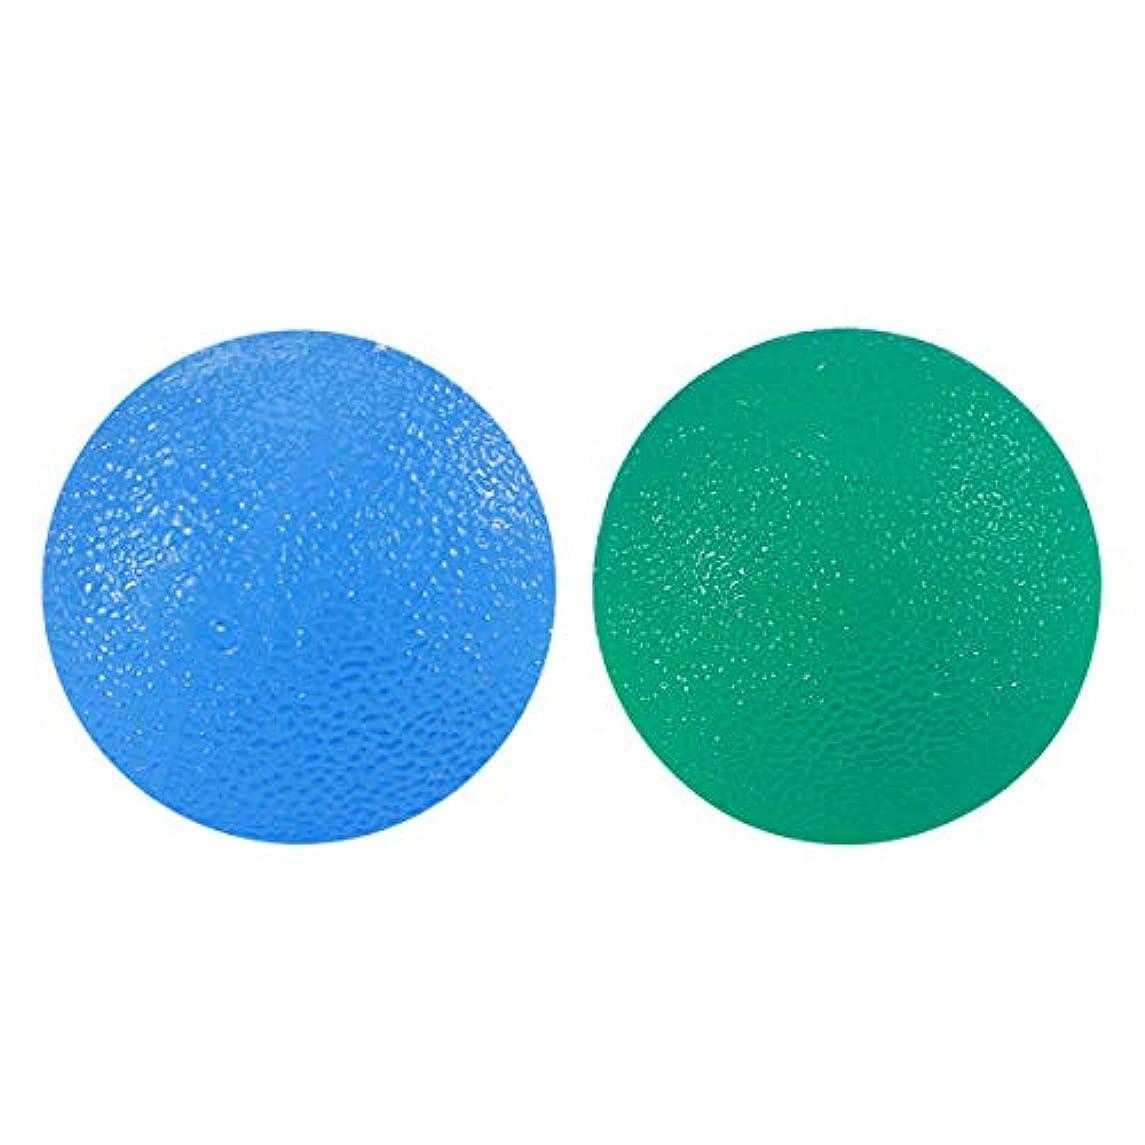 中級手荷物眉をひそめるHEALIFTY 2本の中国の健康運動マッサージボールのストレスは、手の運動(緑と青)